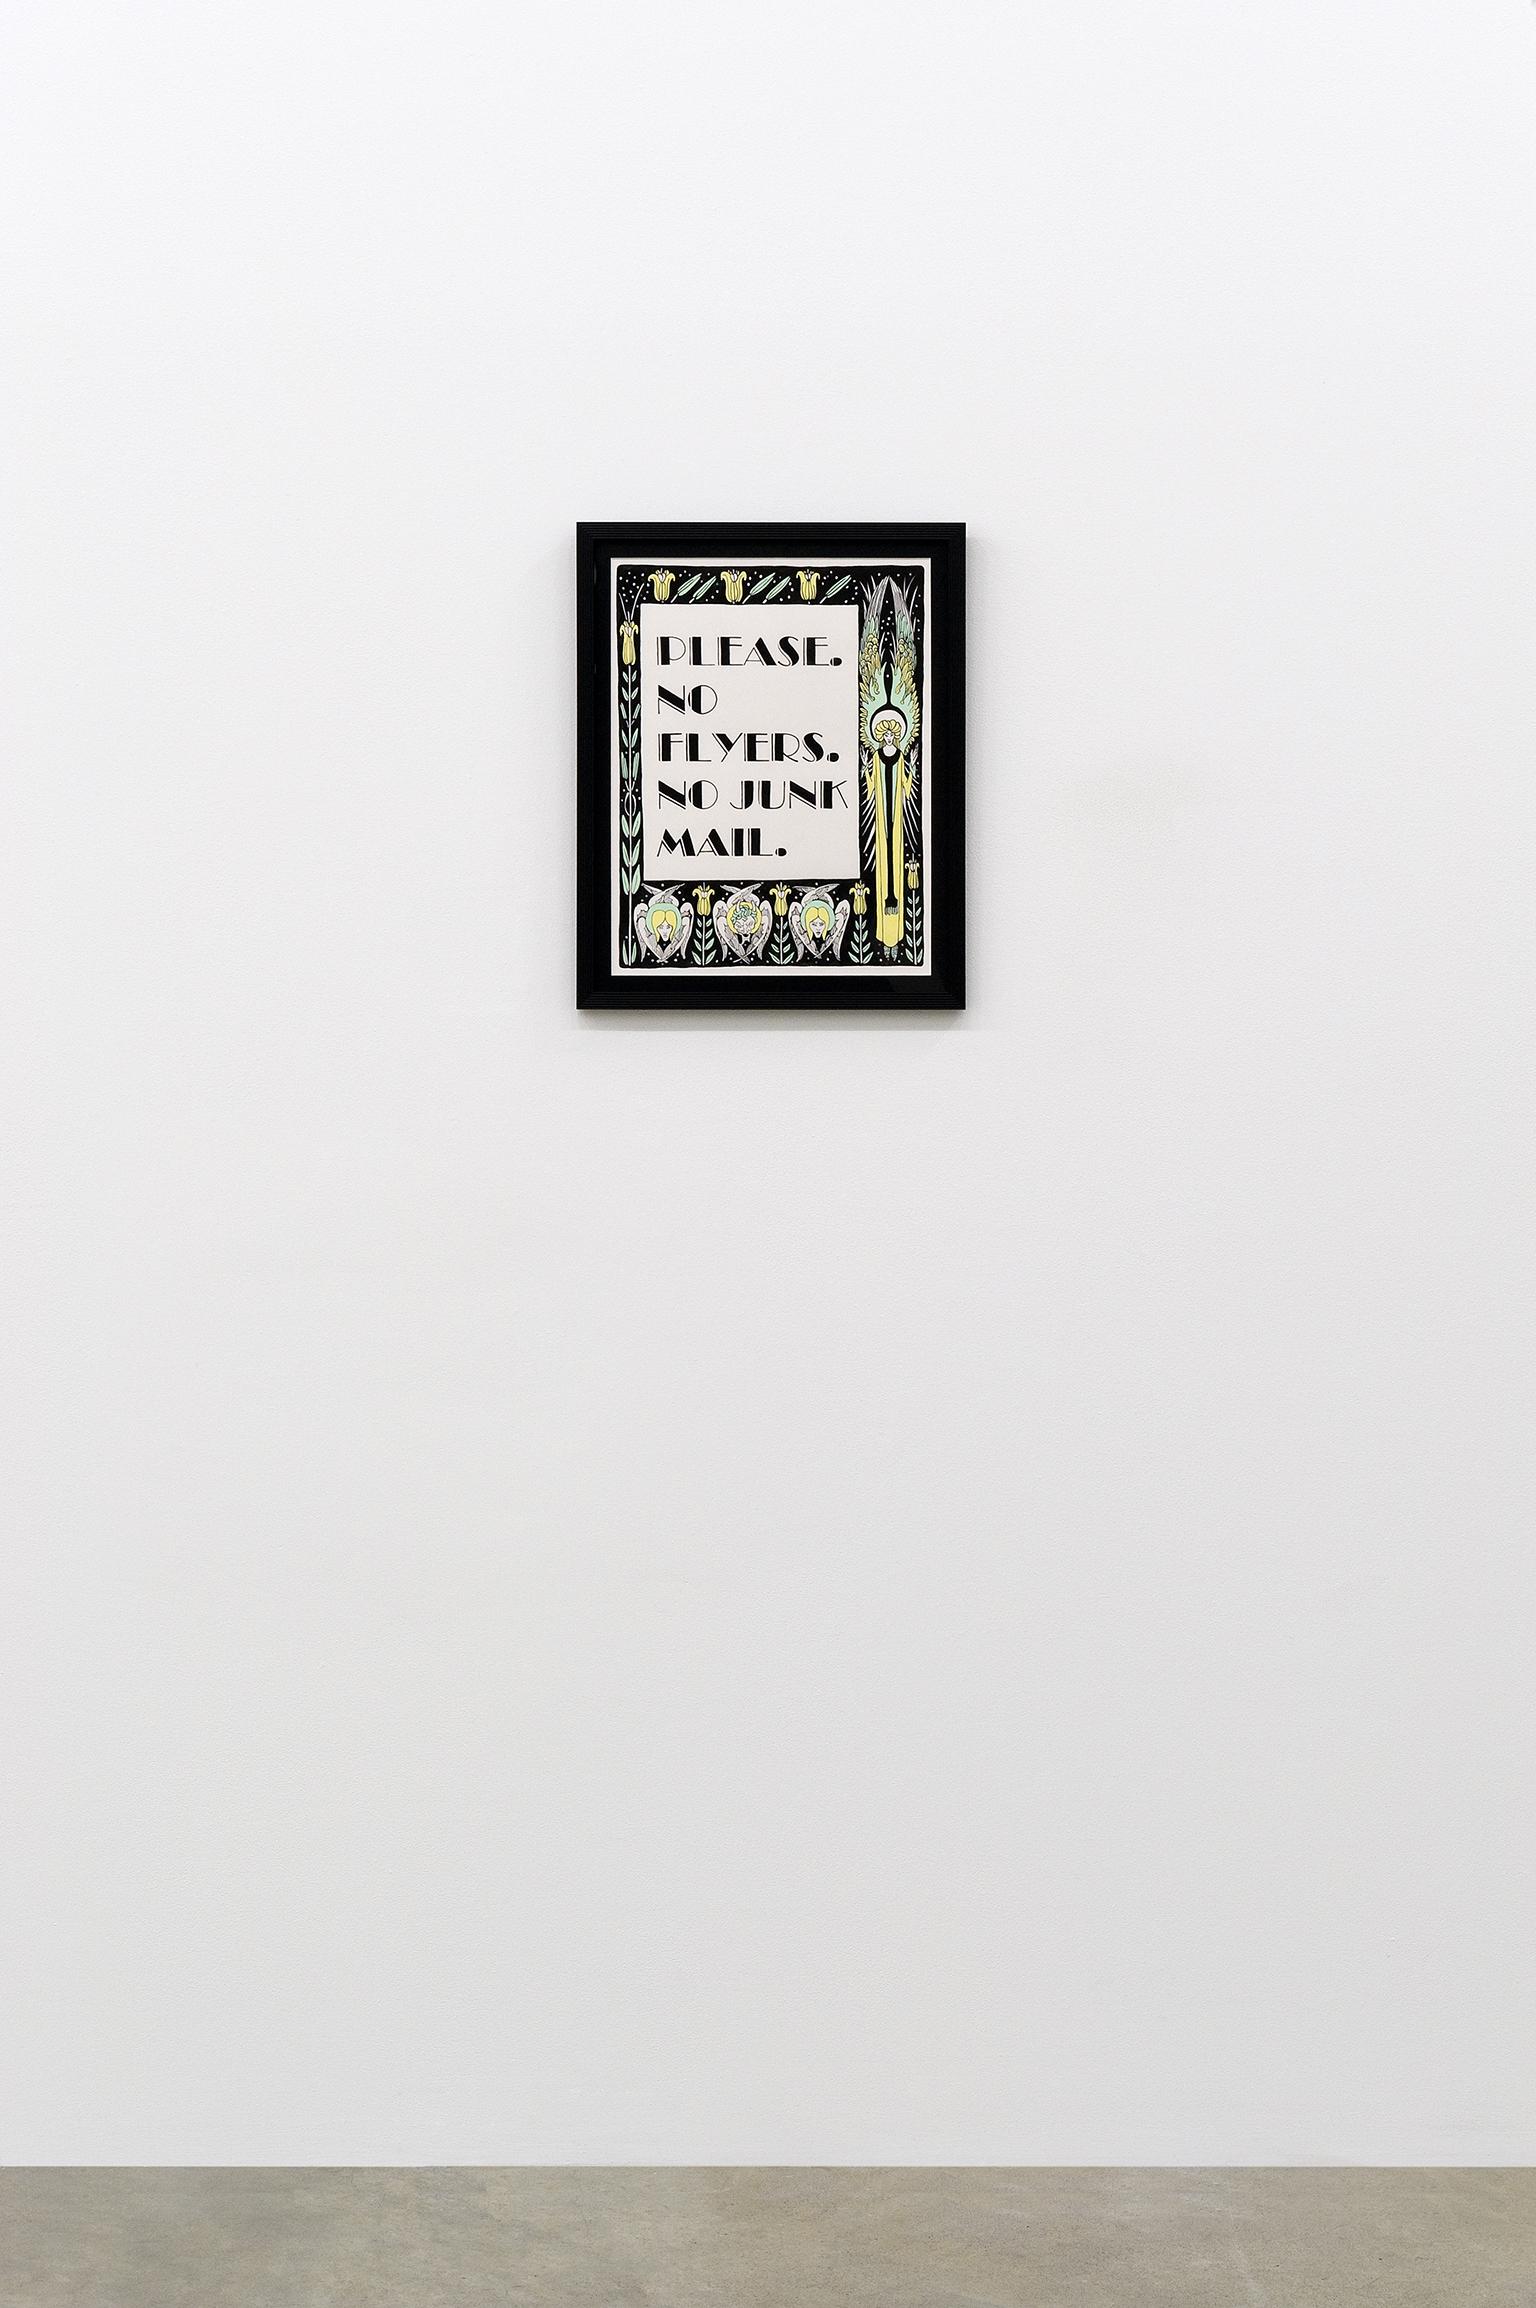 Alex Morrison, Neighbourhood Hex, 2010, 15 x 19 in. (38 x 48 cm)   by